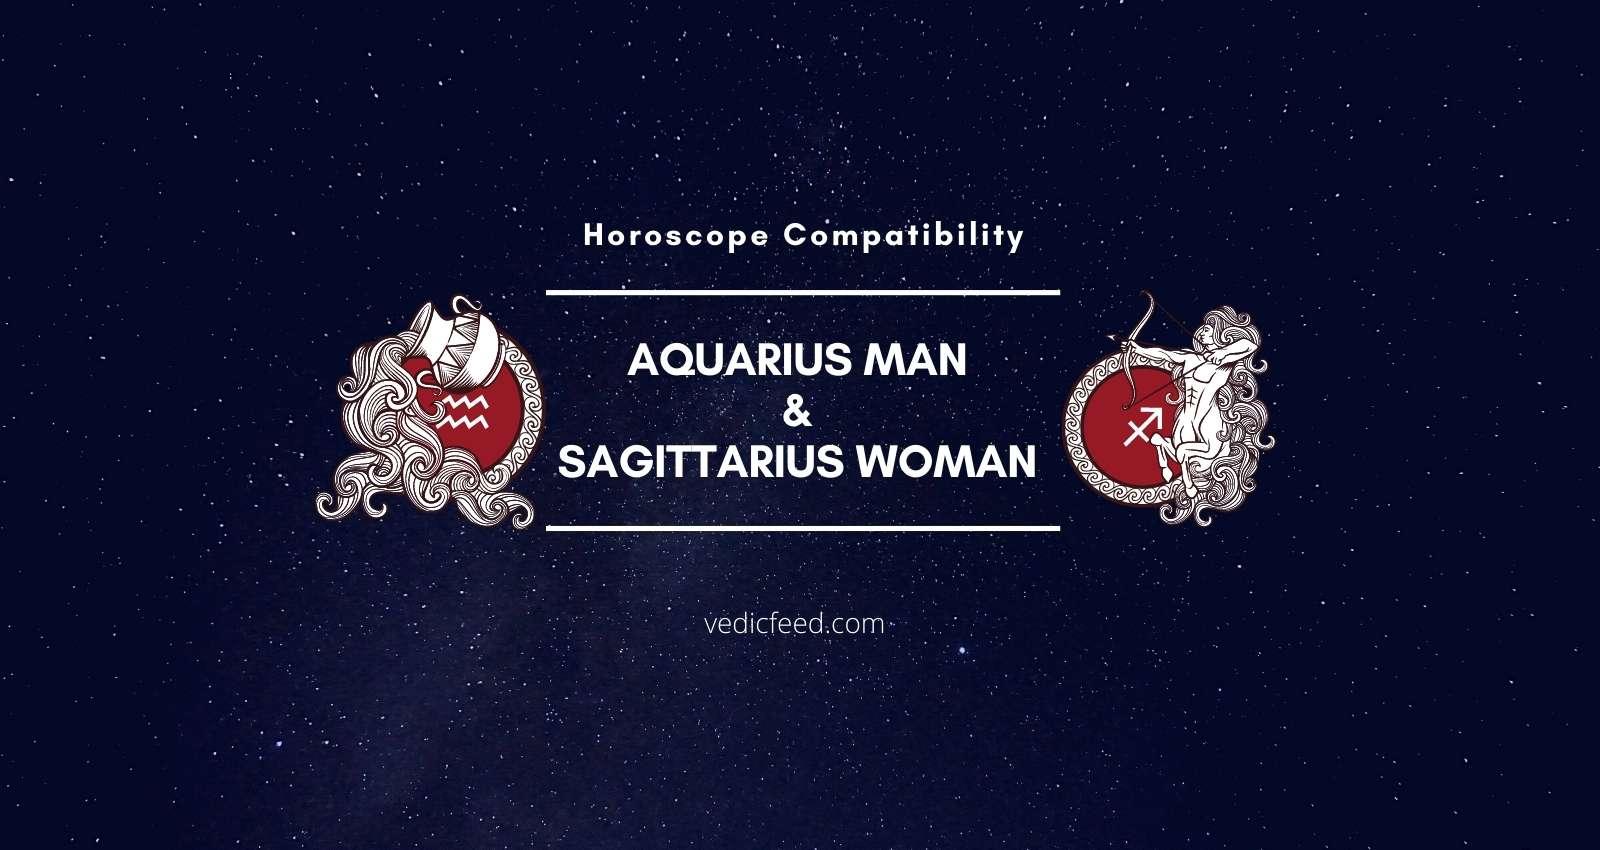 Aquarius Man and Sagittarius Woman Compatibility